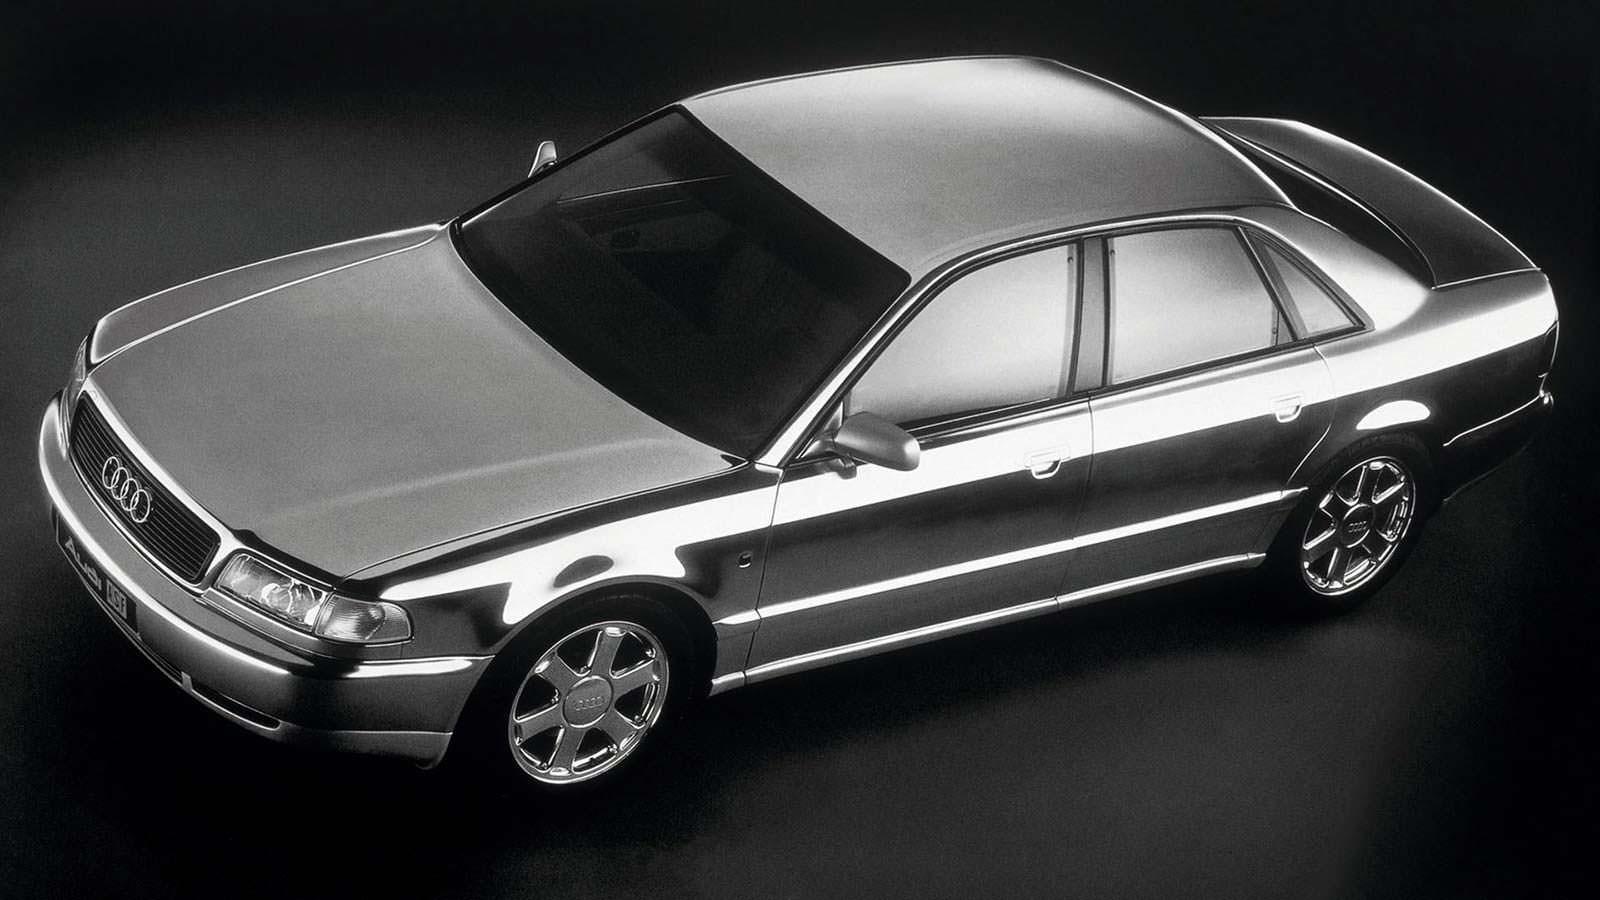 Алюминиевый прототип Audi ASF Concept 1993 года